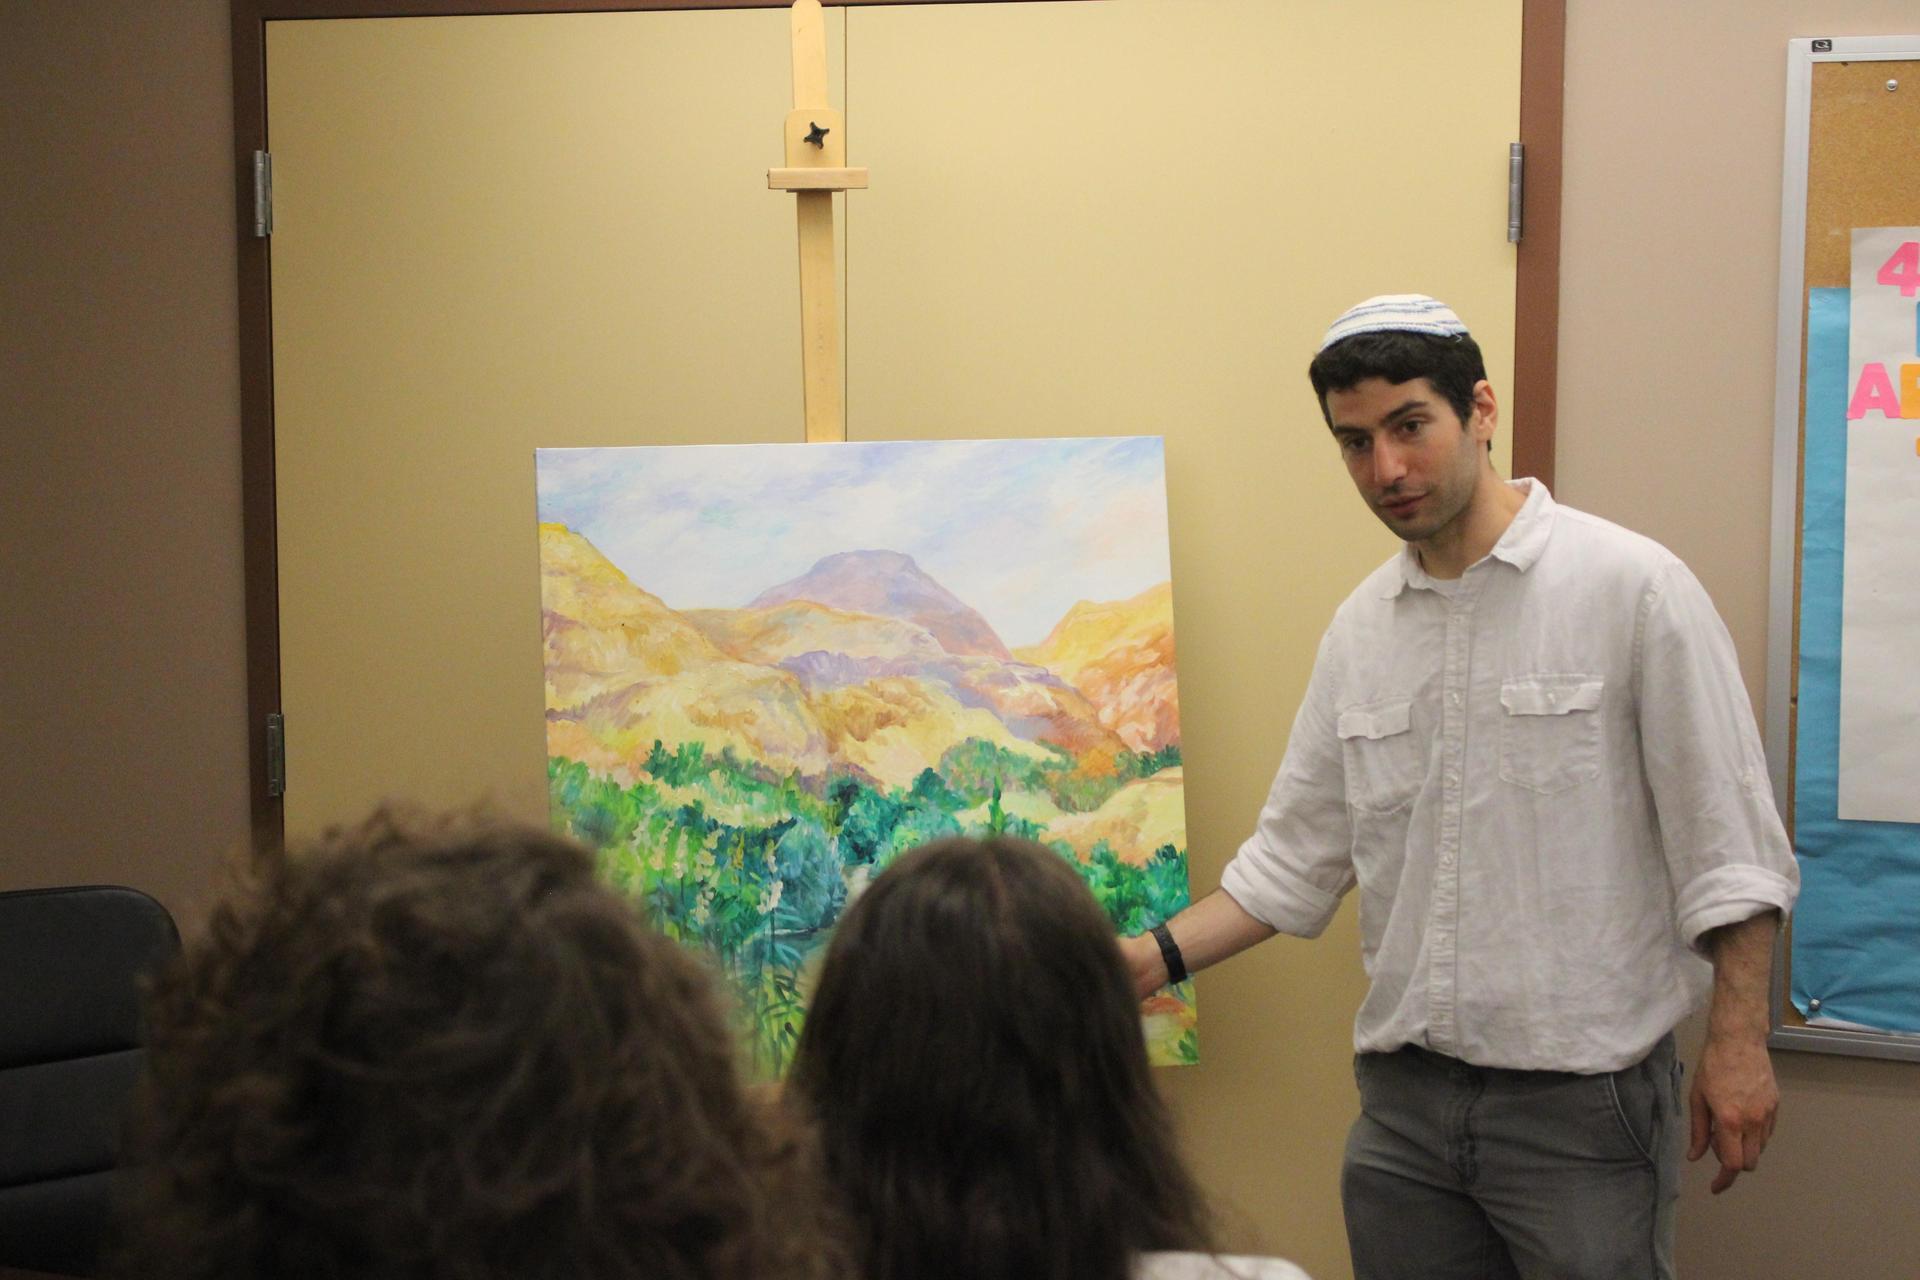 Israeli art